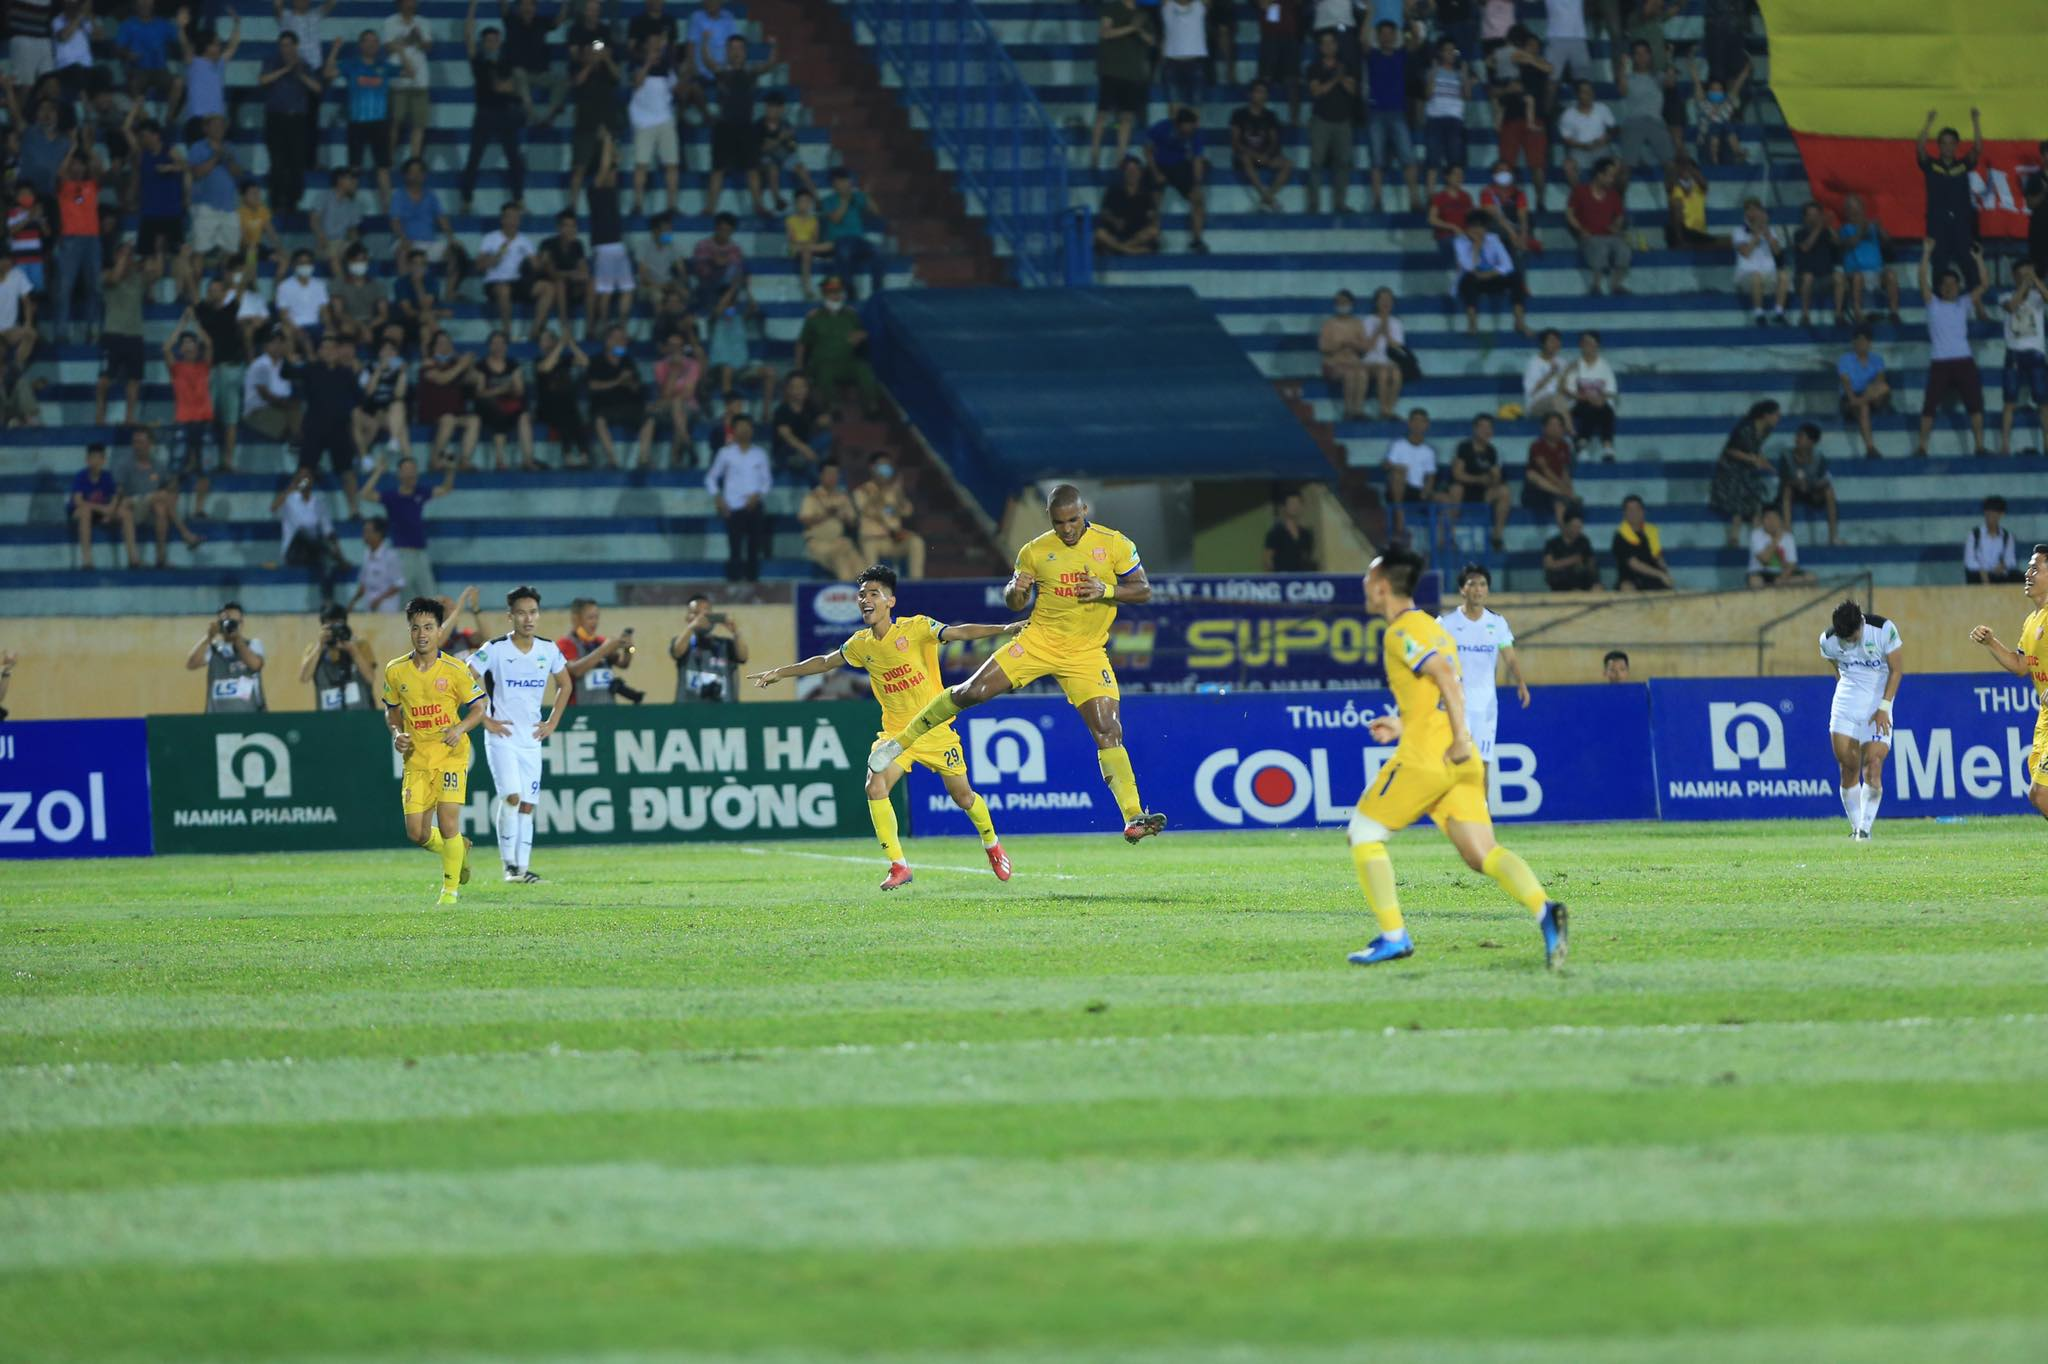 Niềm vui của Rafaelson sau bàn thắng mở tỷ cho DNH.NĐ - Ảnh: Đức Cường